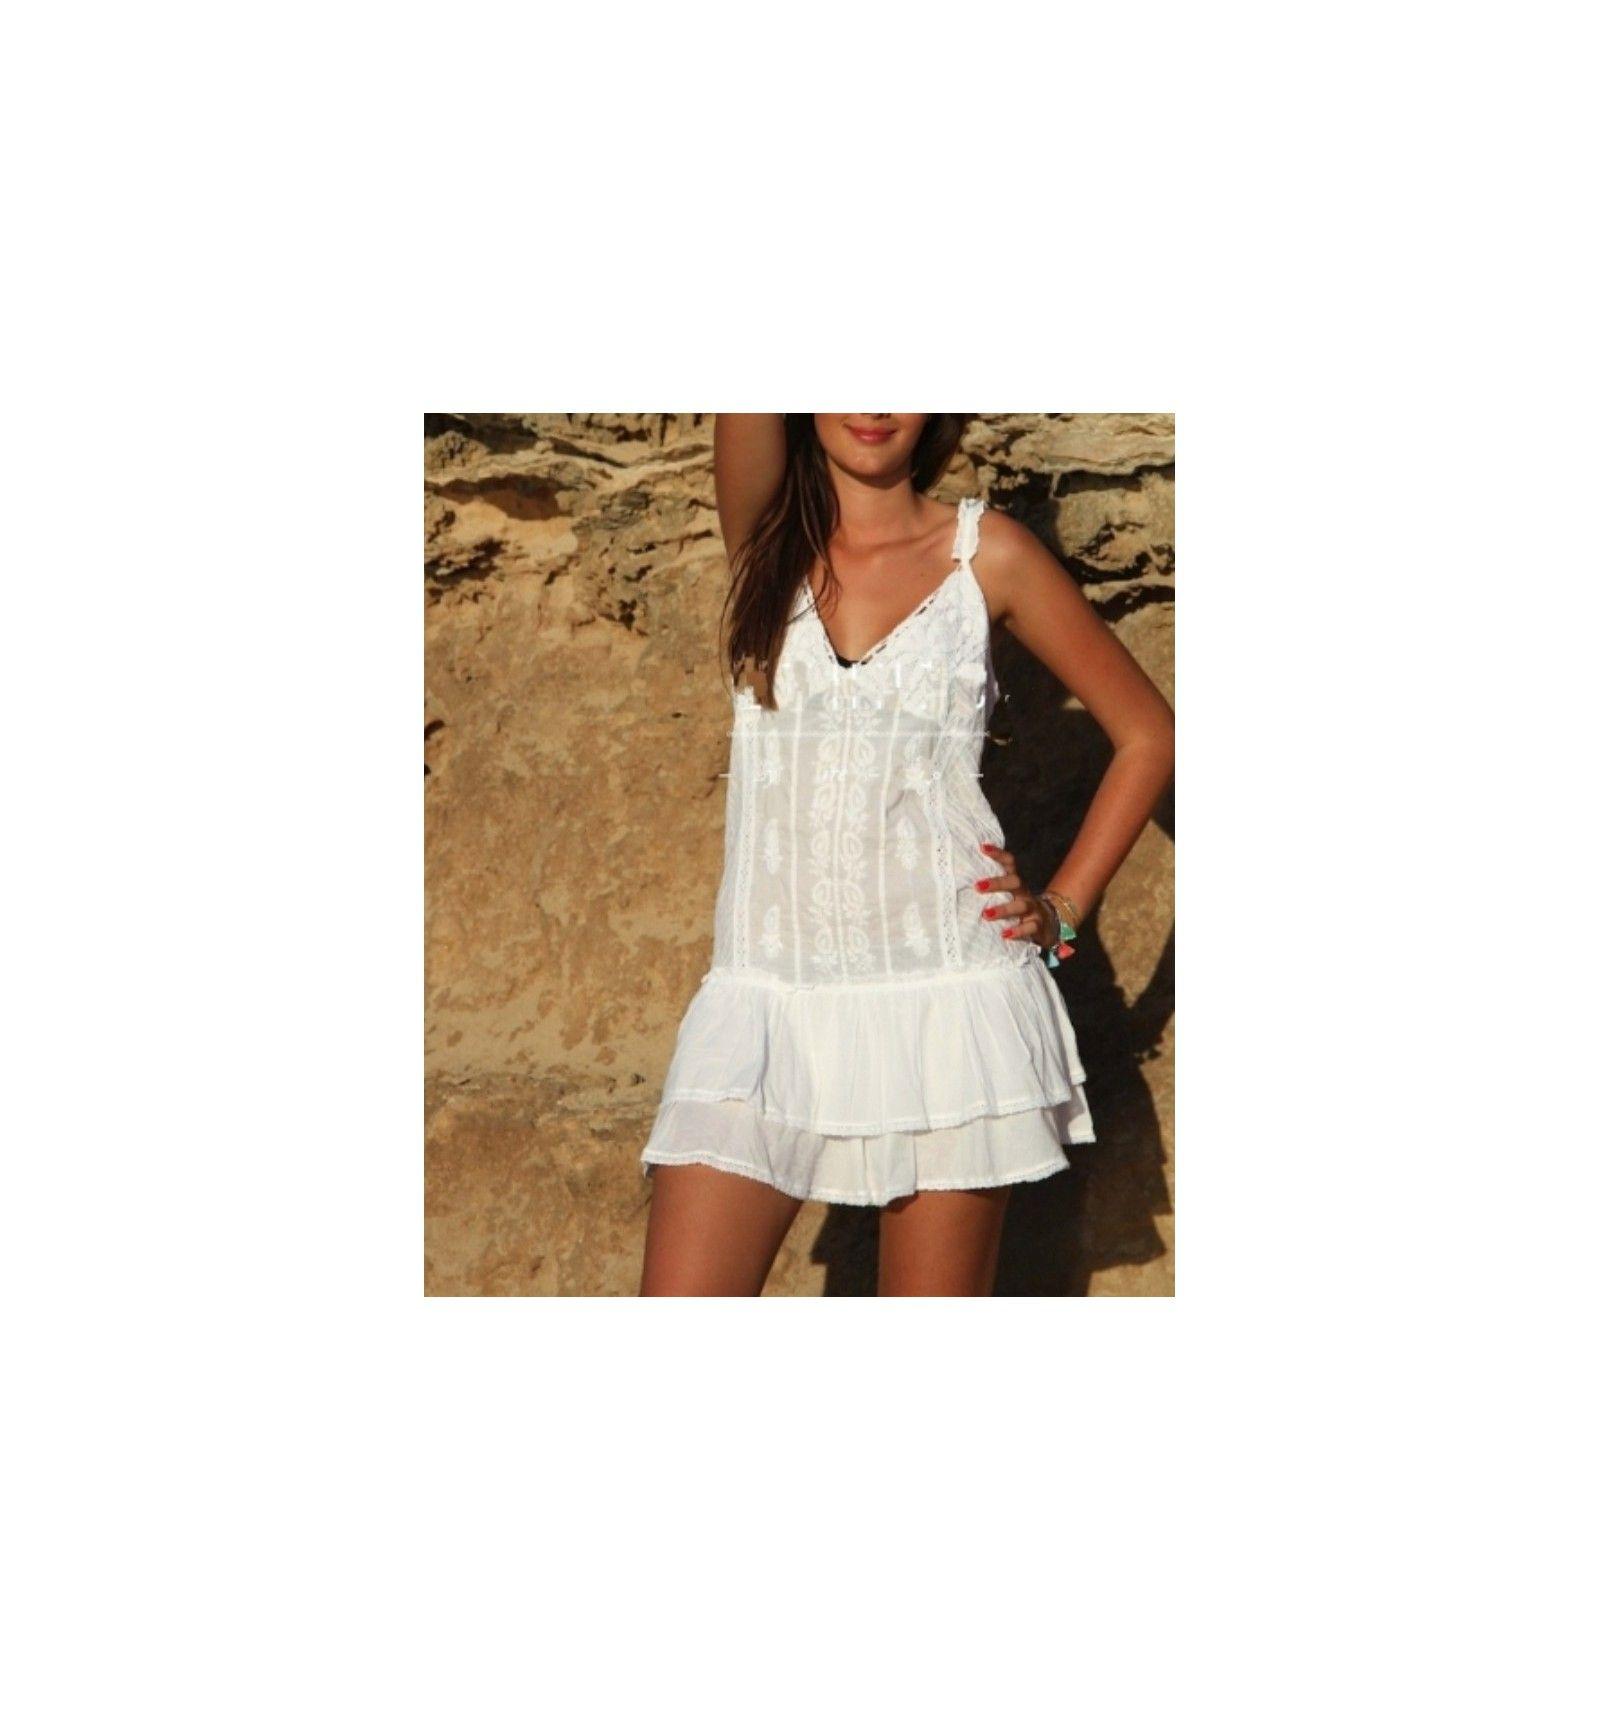 e4e92e28 Vestido blanco corto ibicenco con bordados y volantes en la falda.